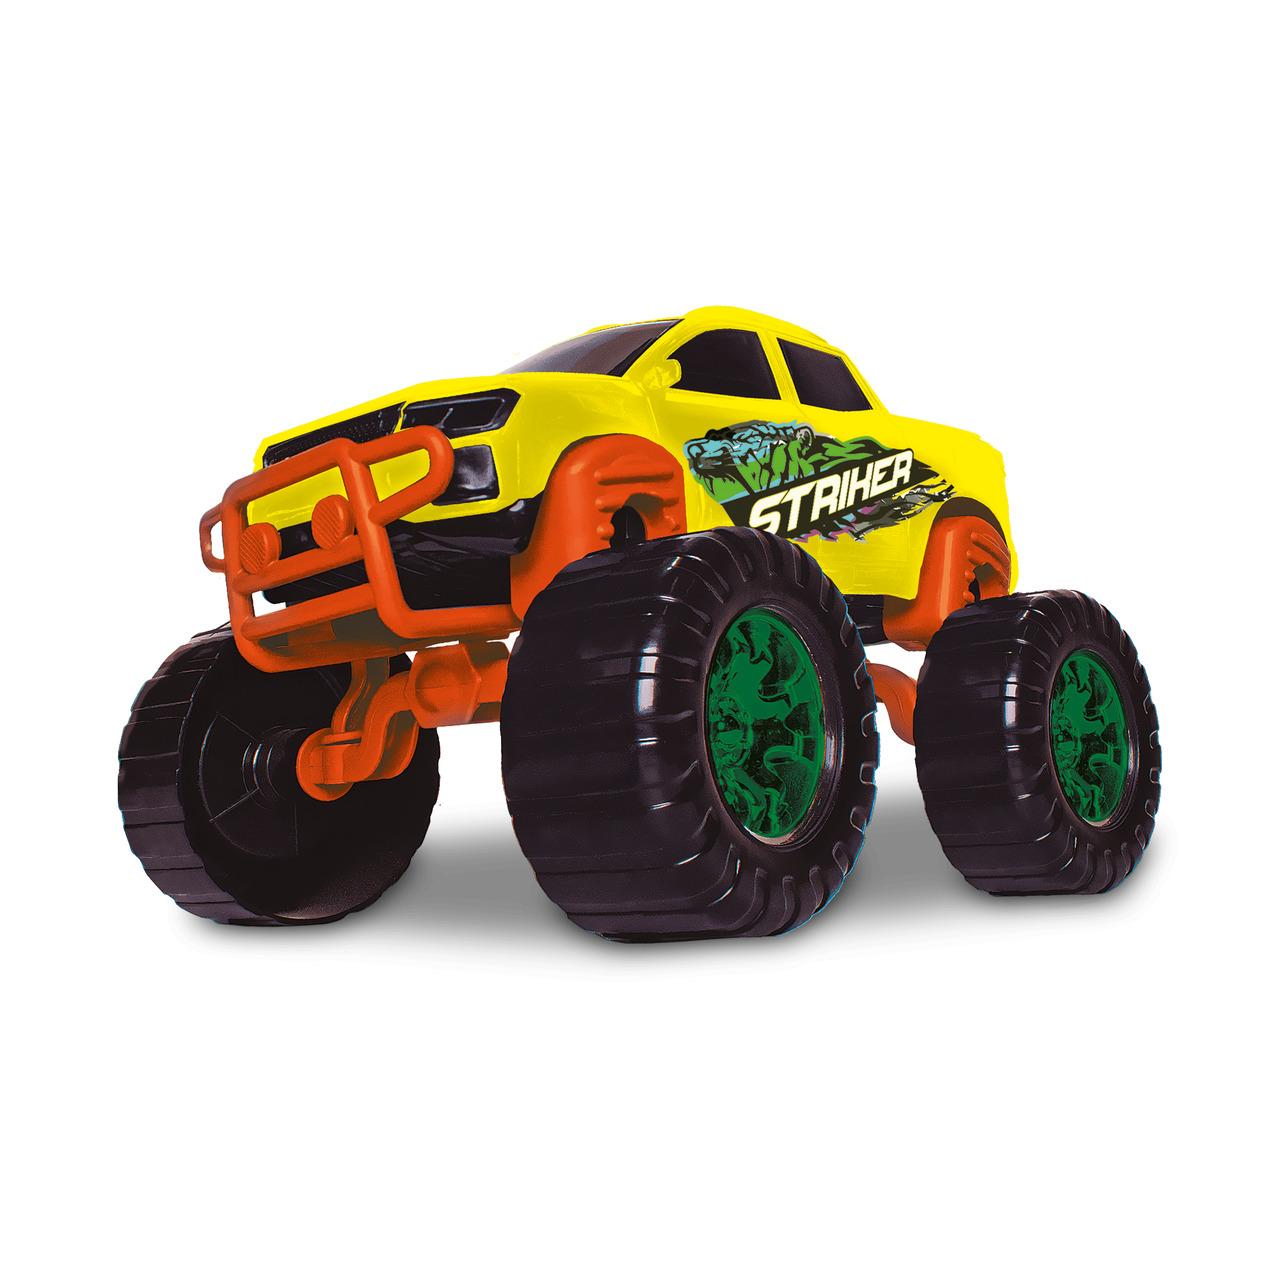 Carrinho Pick-Up Monster Truck Striker Samba Toys